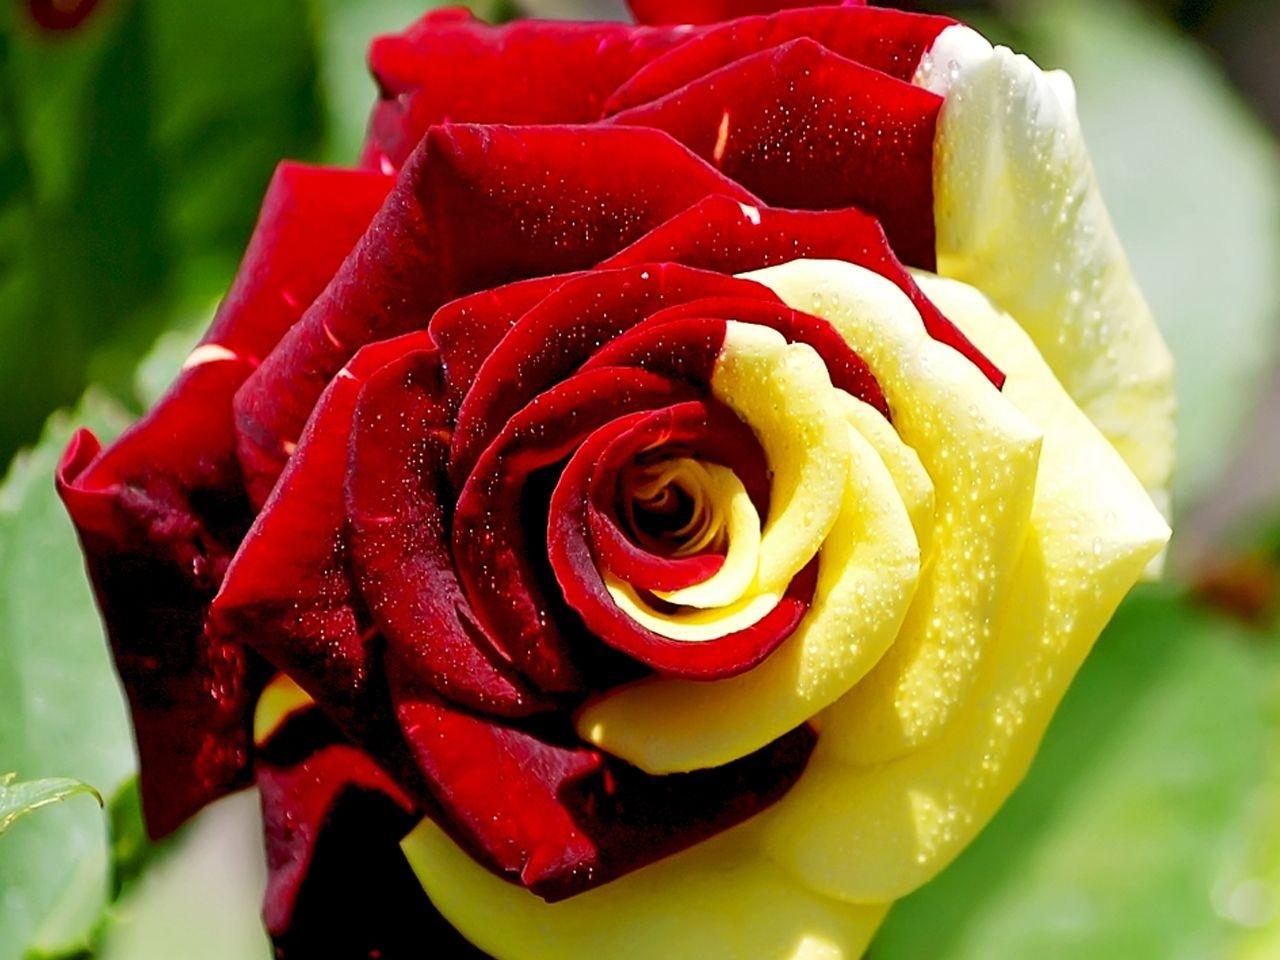 46325 скачать обои Растения, Цветы, Розы - заставки и картинки бесплатно